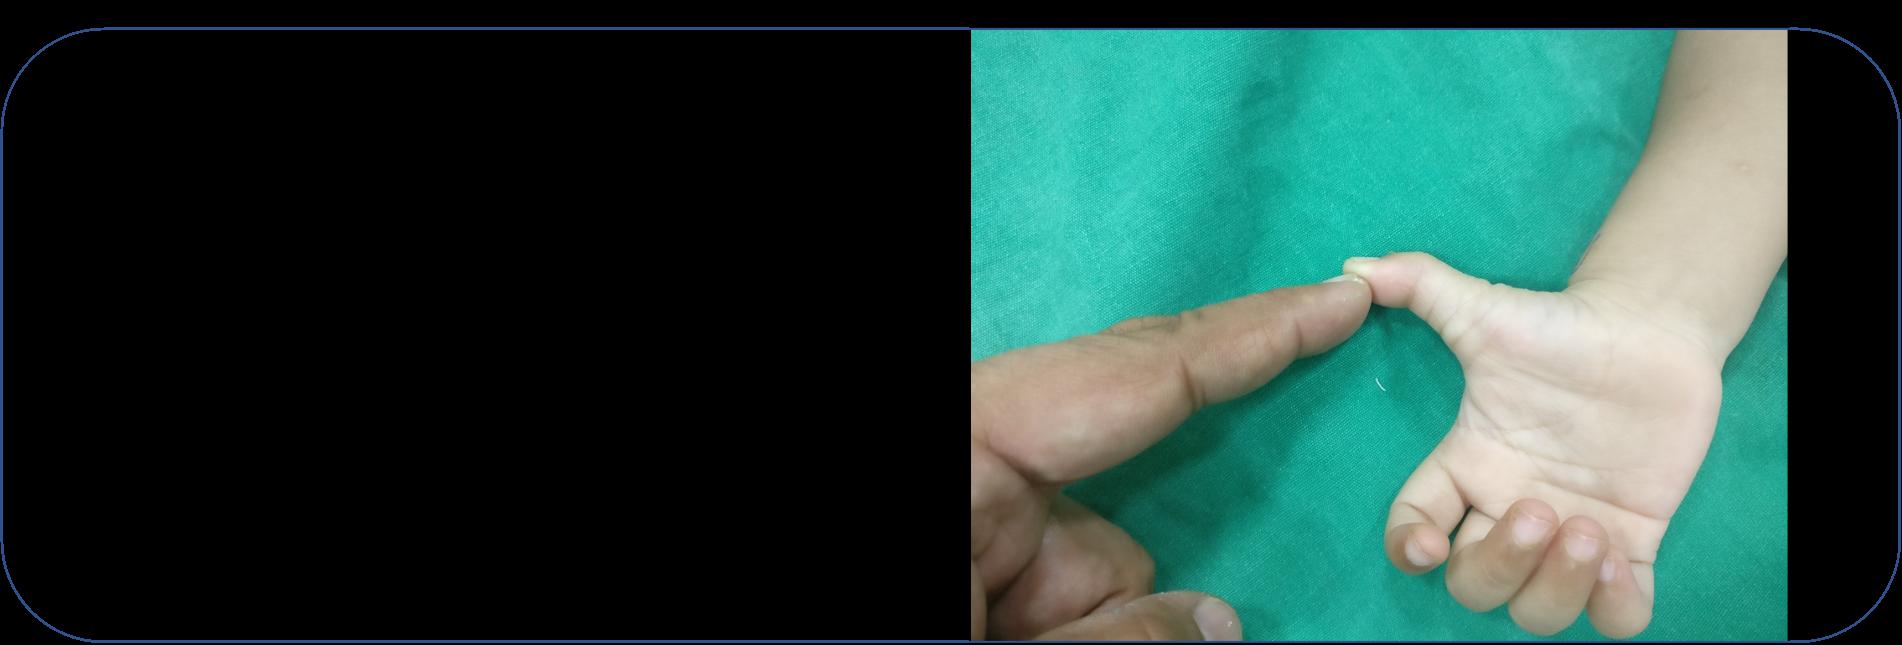 Congenital Trigger Thumb